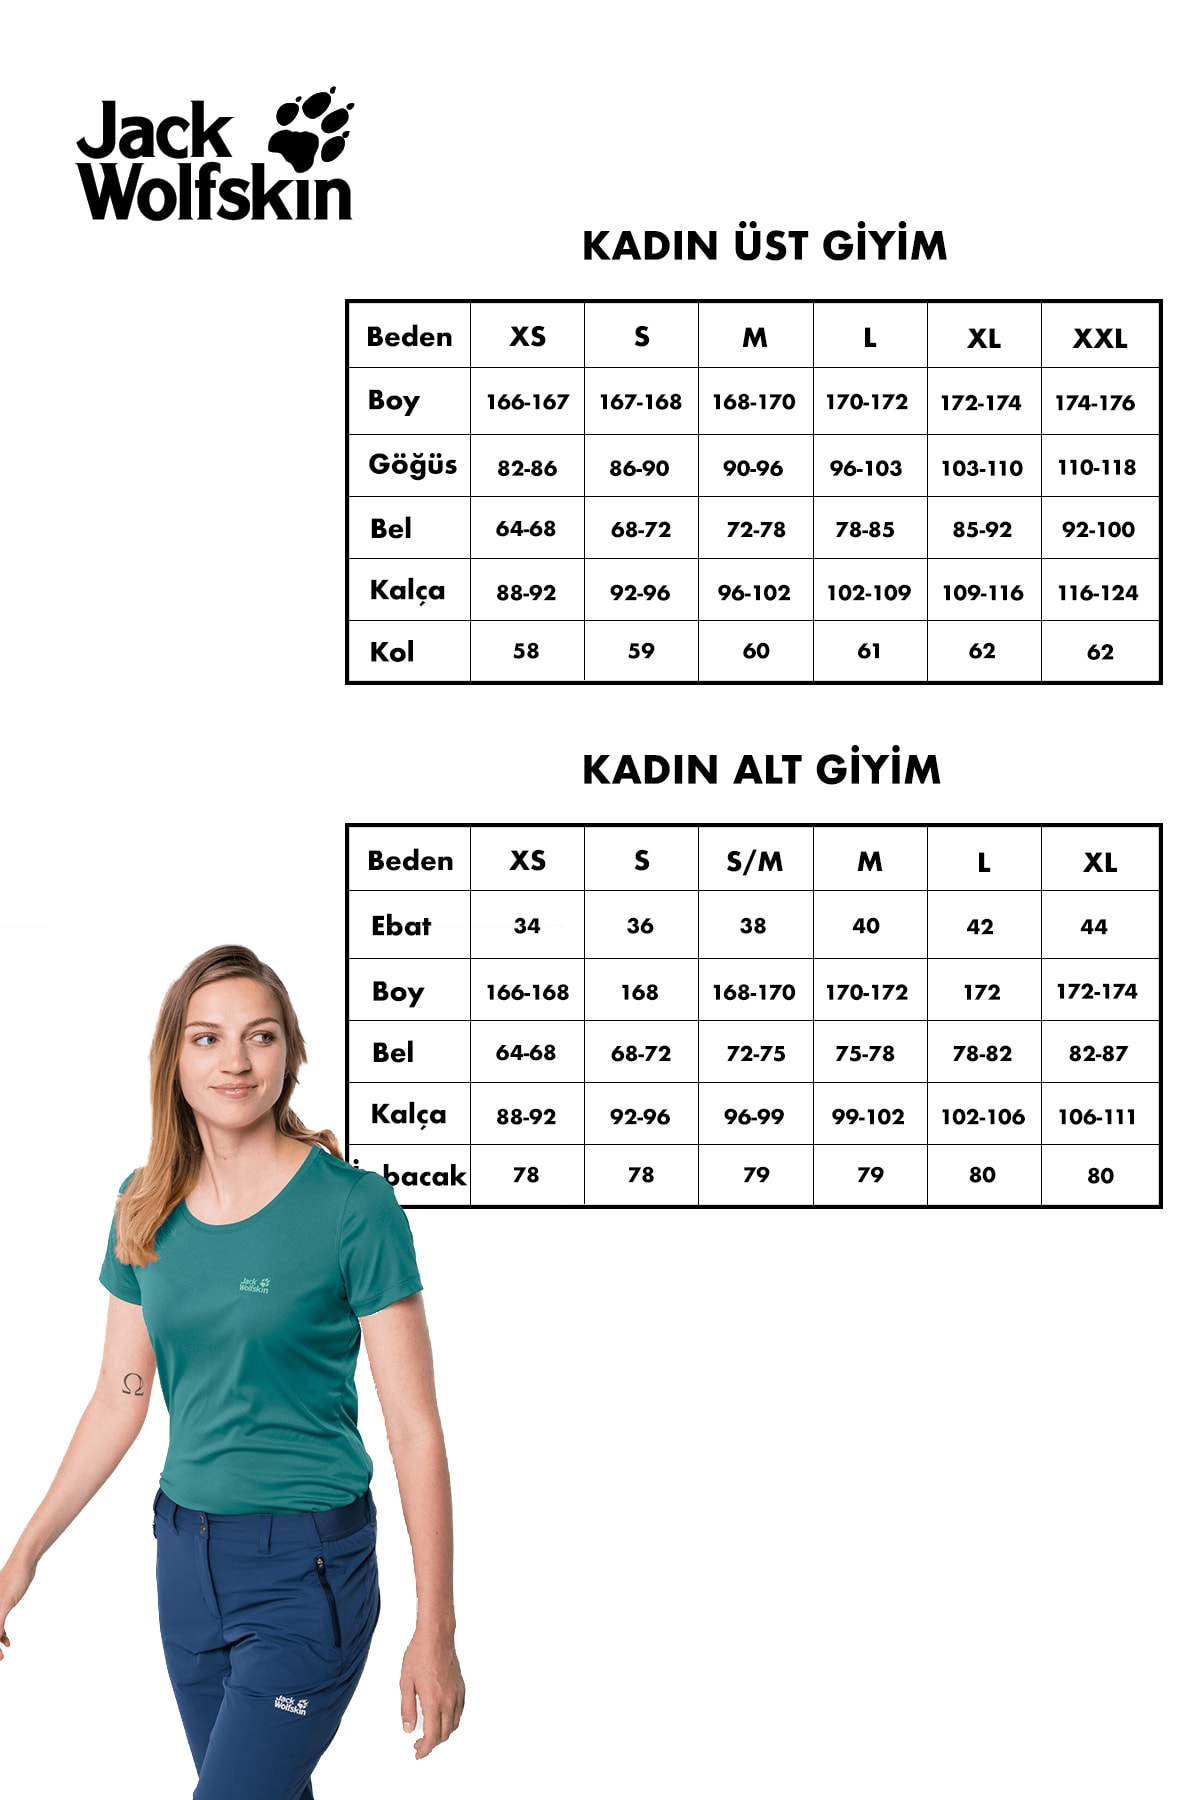 Jack Wolfskin Essential Kadın T-Shirt - 1805791-1010 2